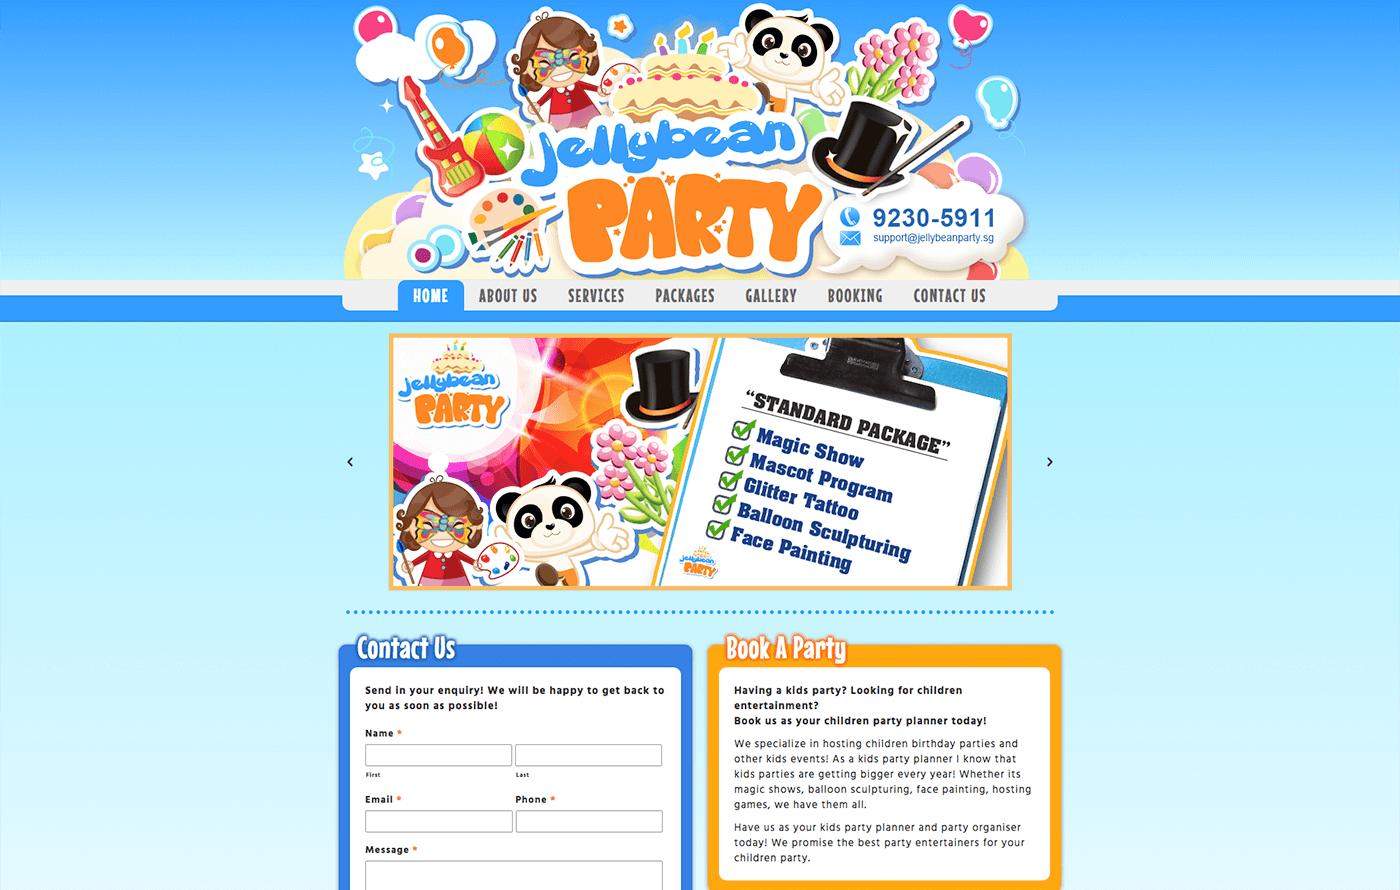 JellyBean Party Website